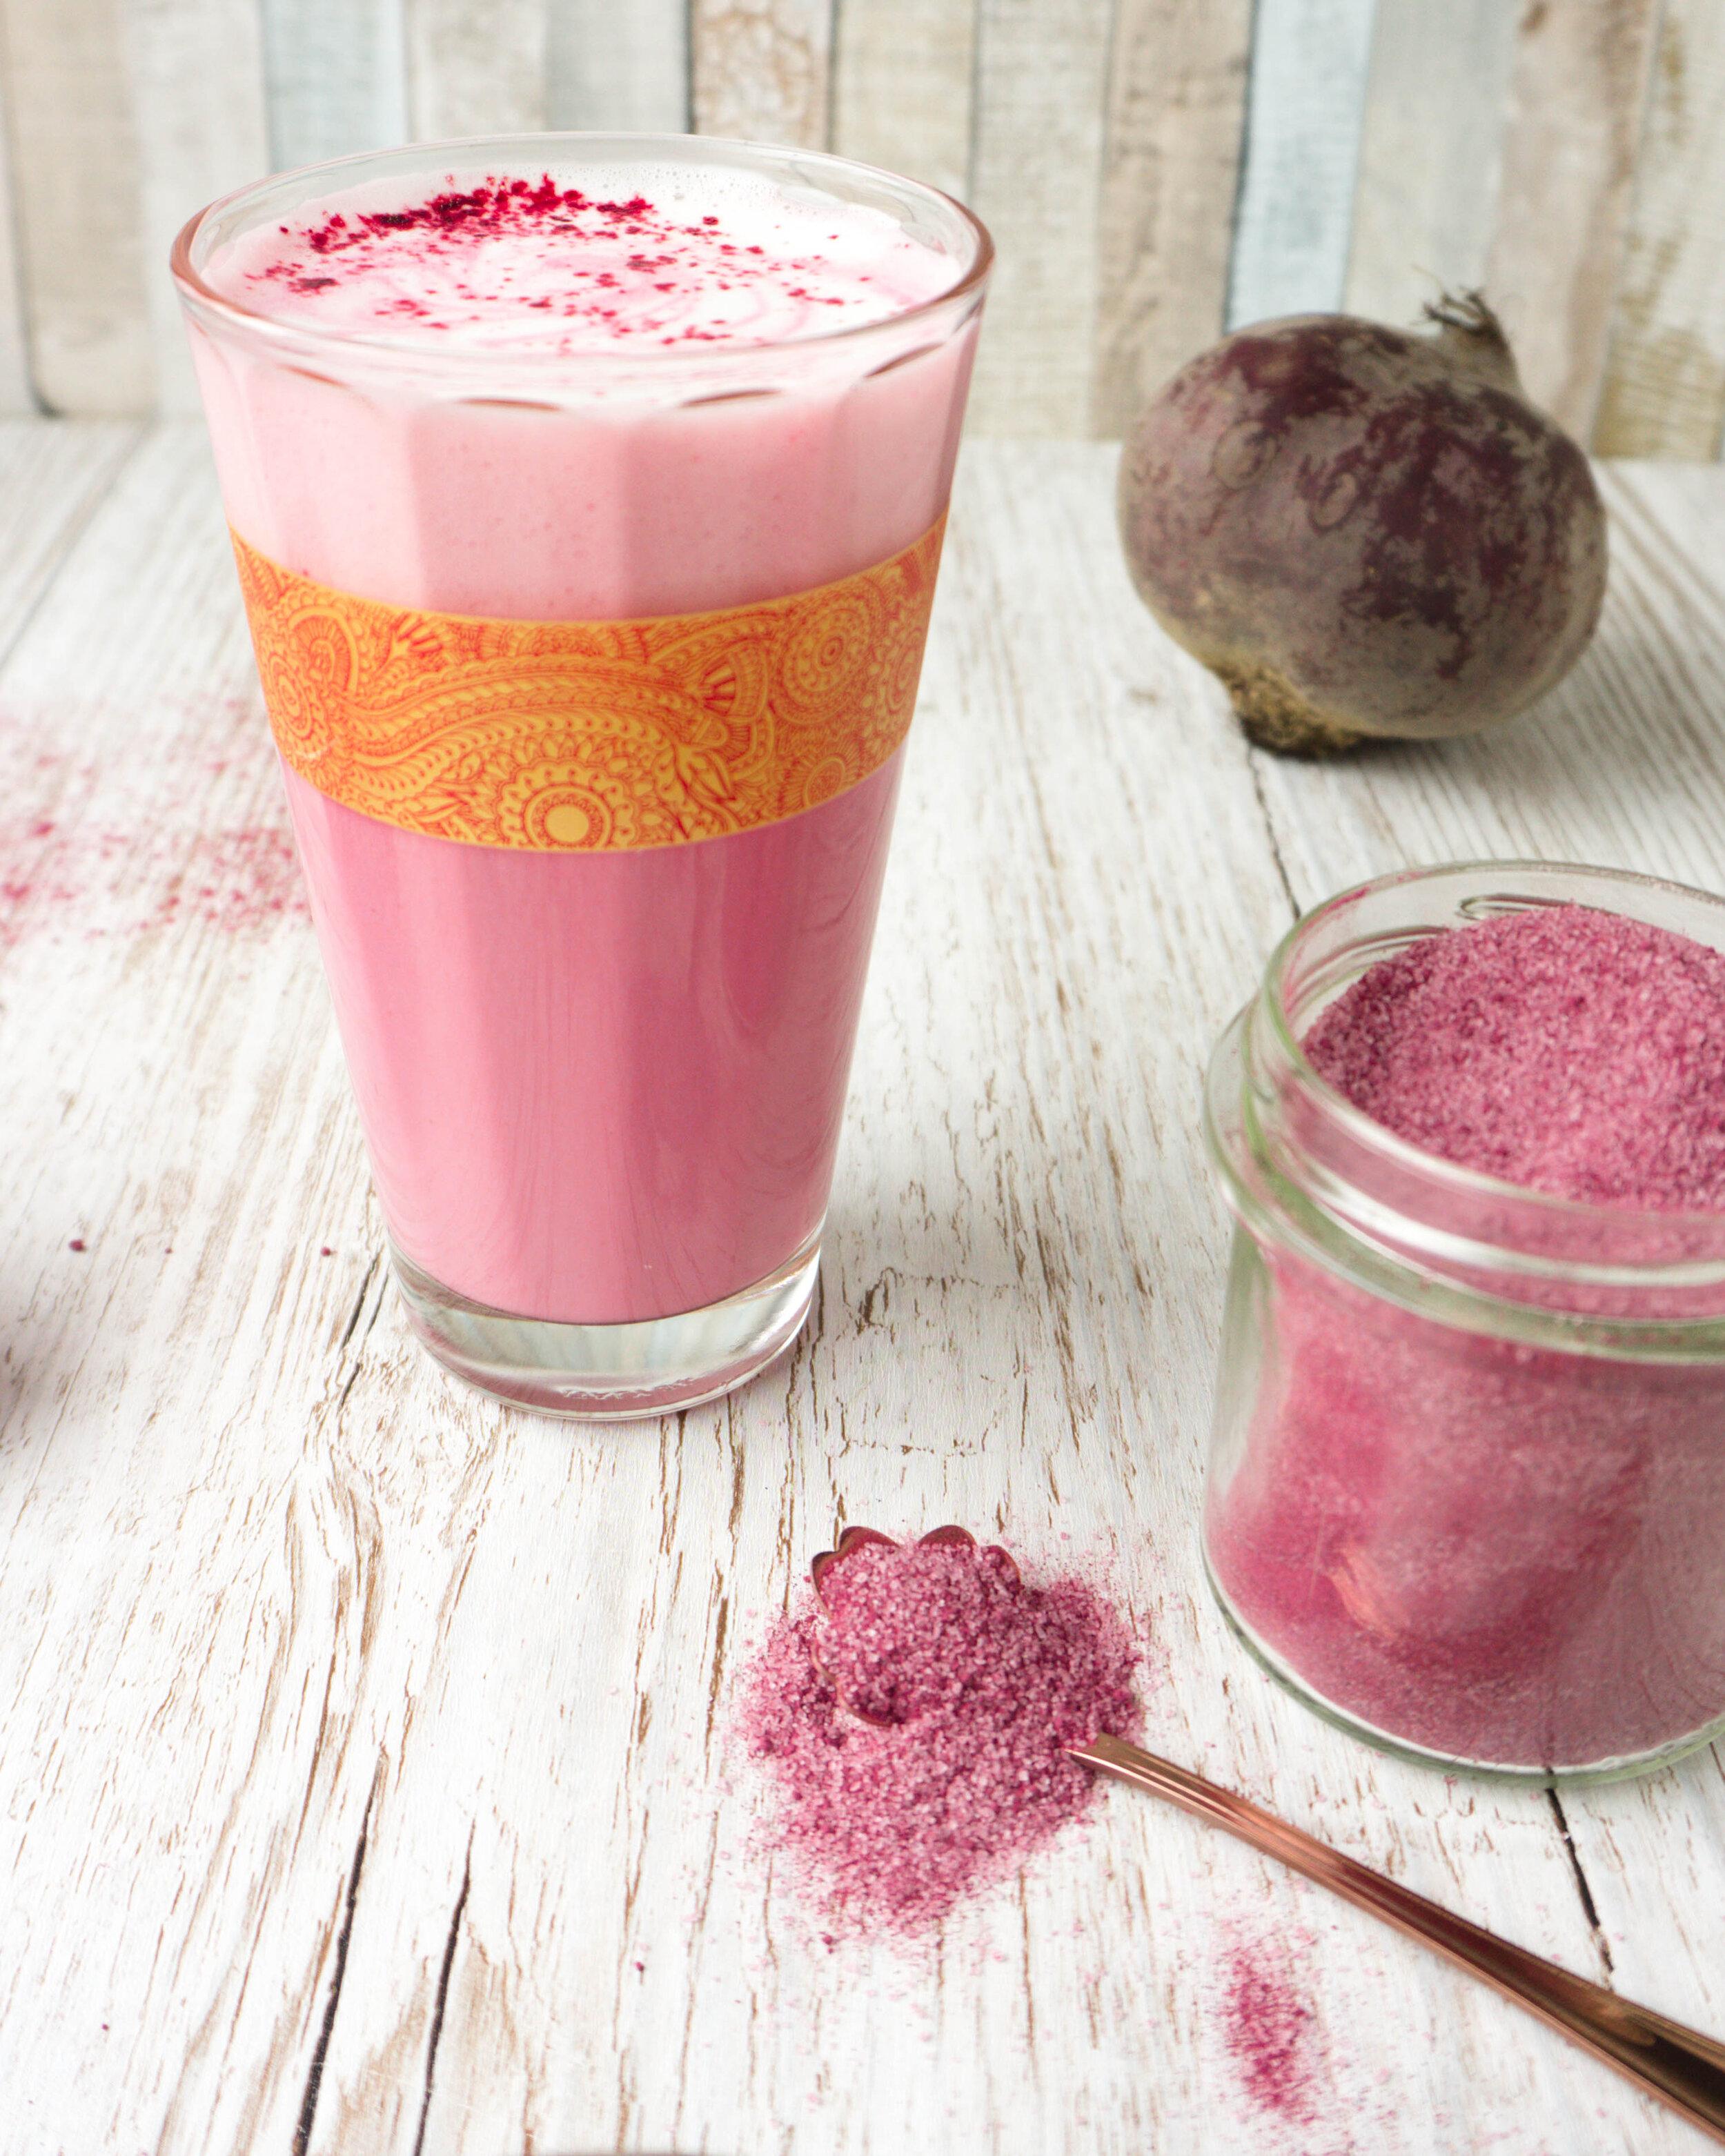 Du brauchst: - ¼ Tasse Zucker2 Telöffel Rote-Beete-Pulver*